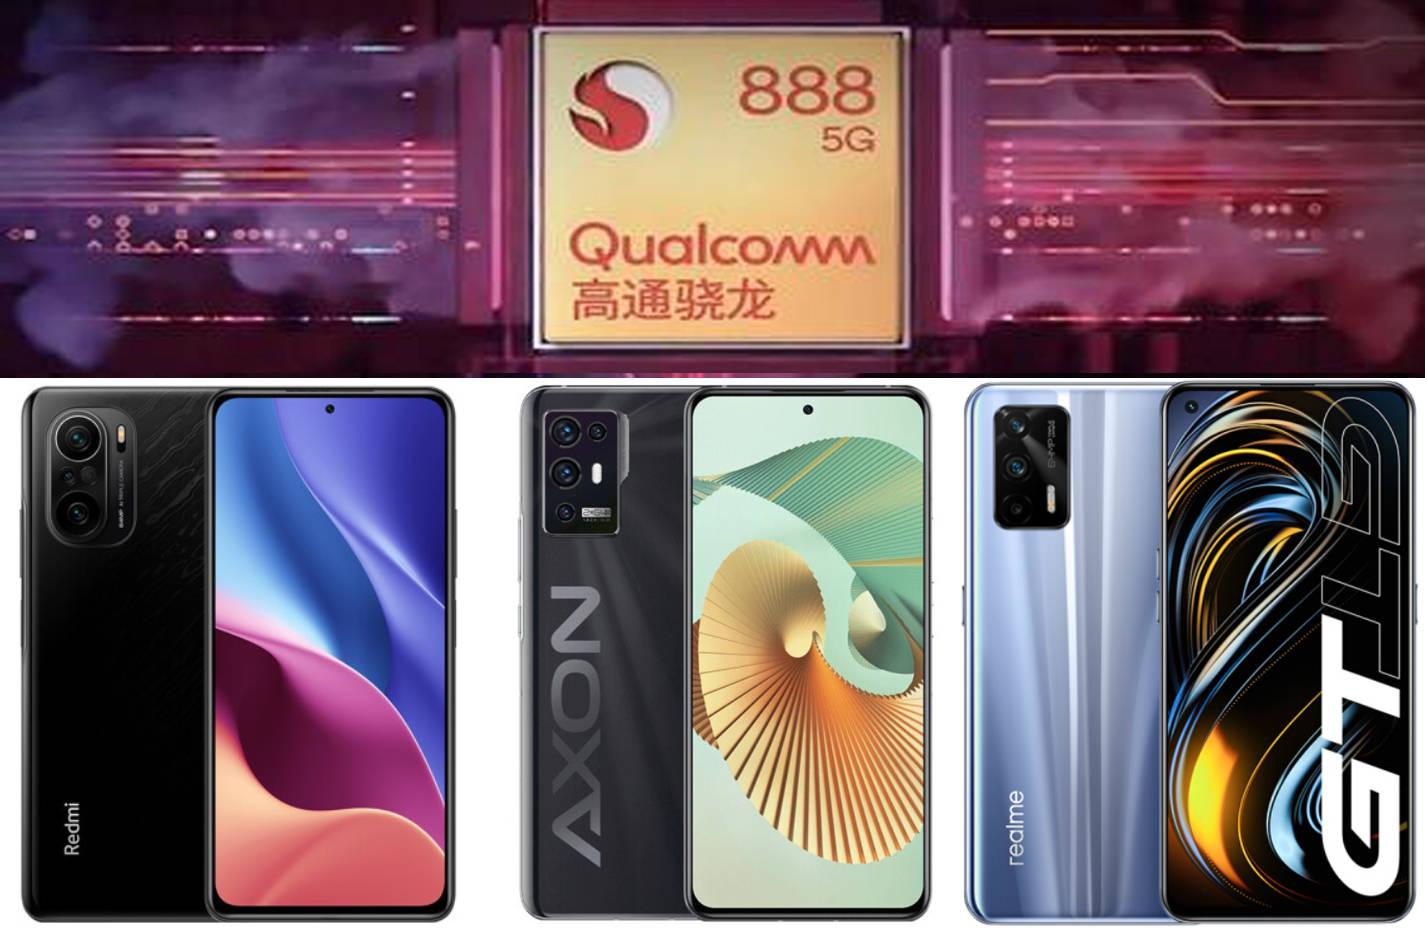 原创             3千不到的骁龙888手机汇总:屏幕好、拍照好都有,有一款杨幂代言